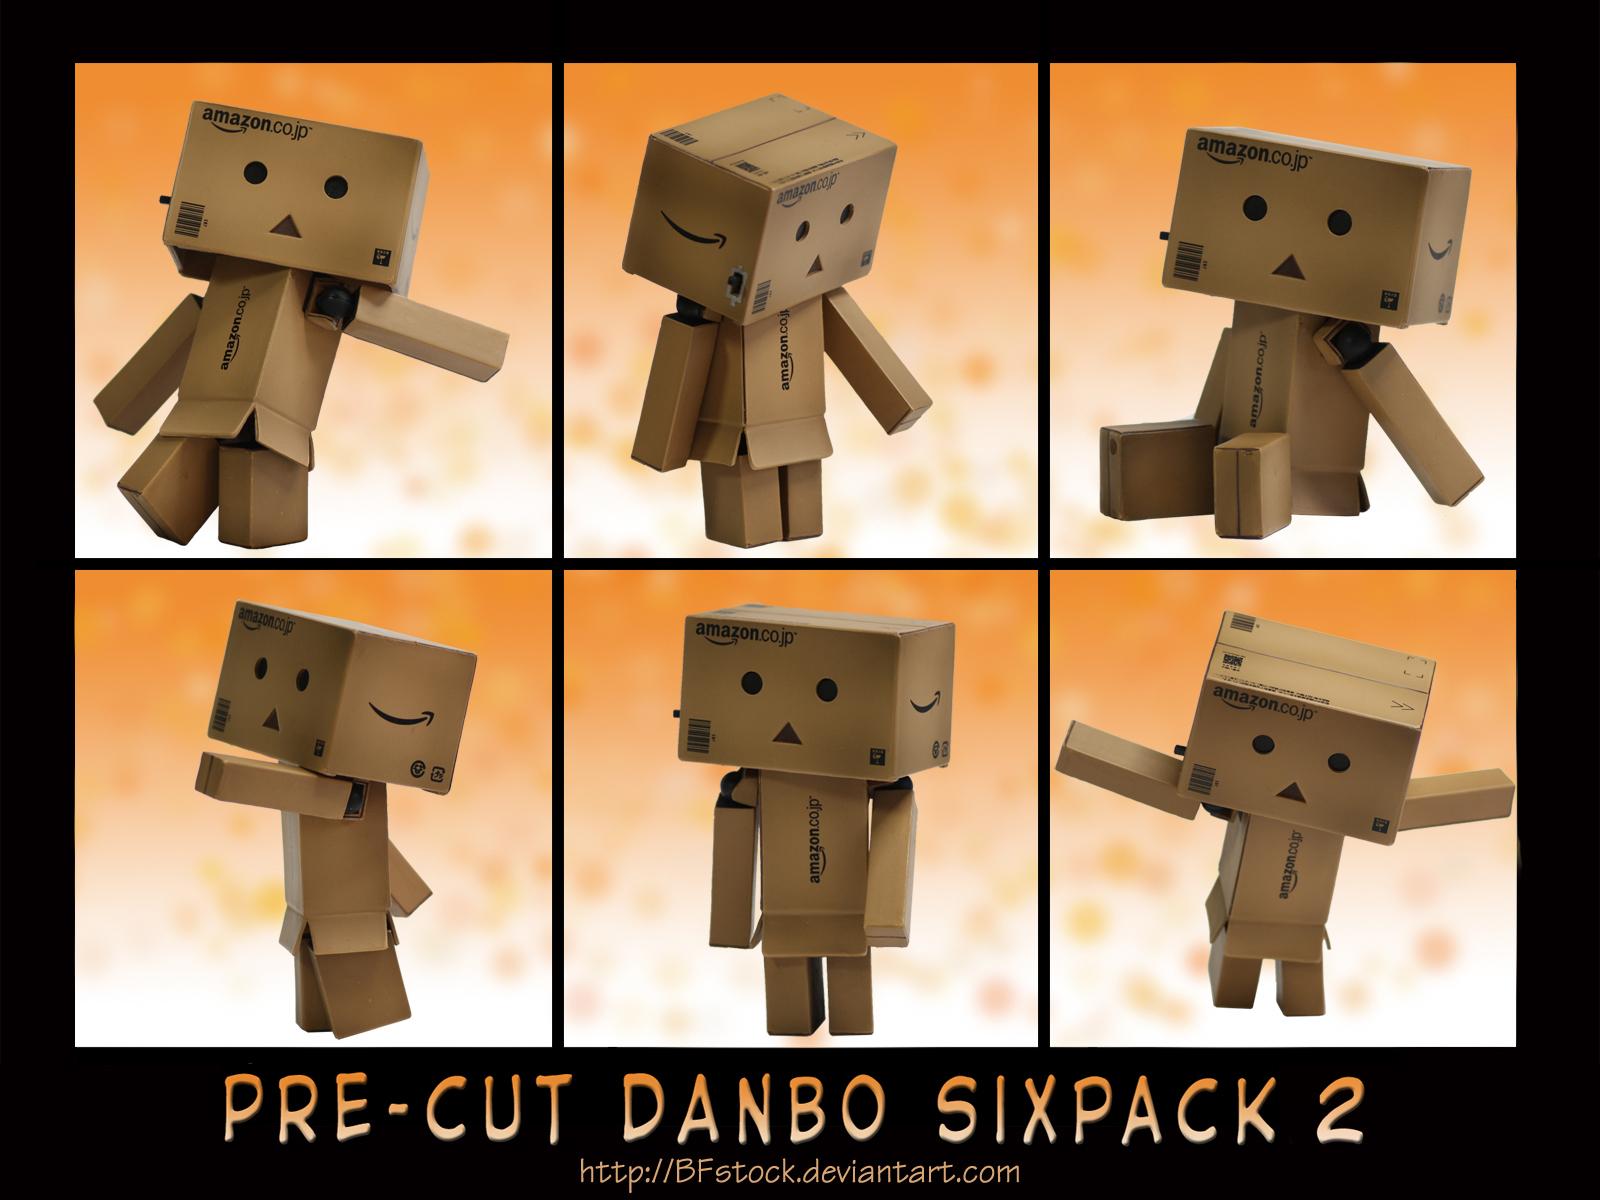 Pre-cut Danbo Sixpack 2 by BFstock